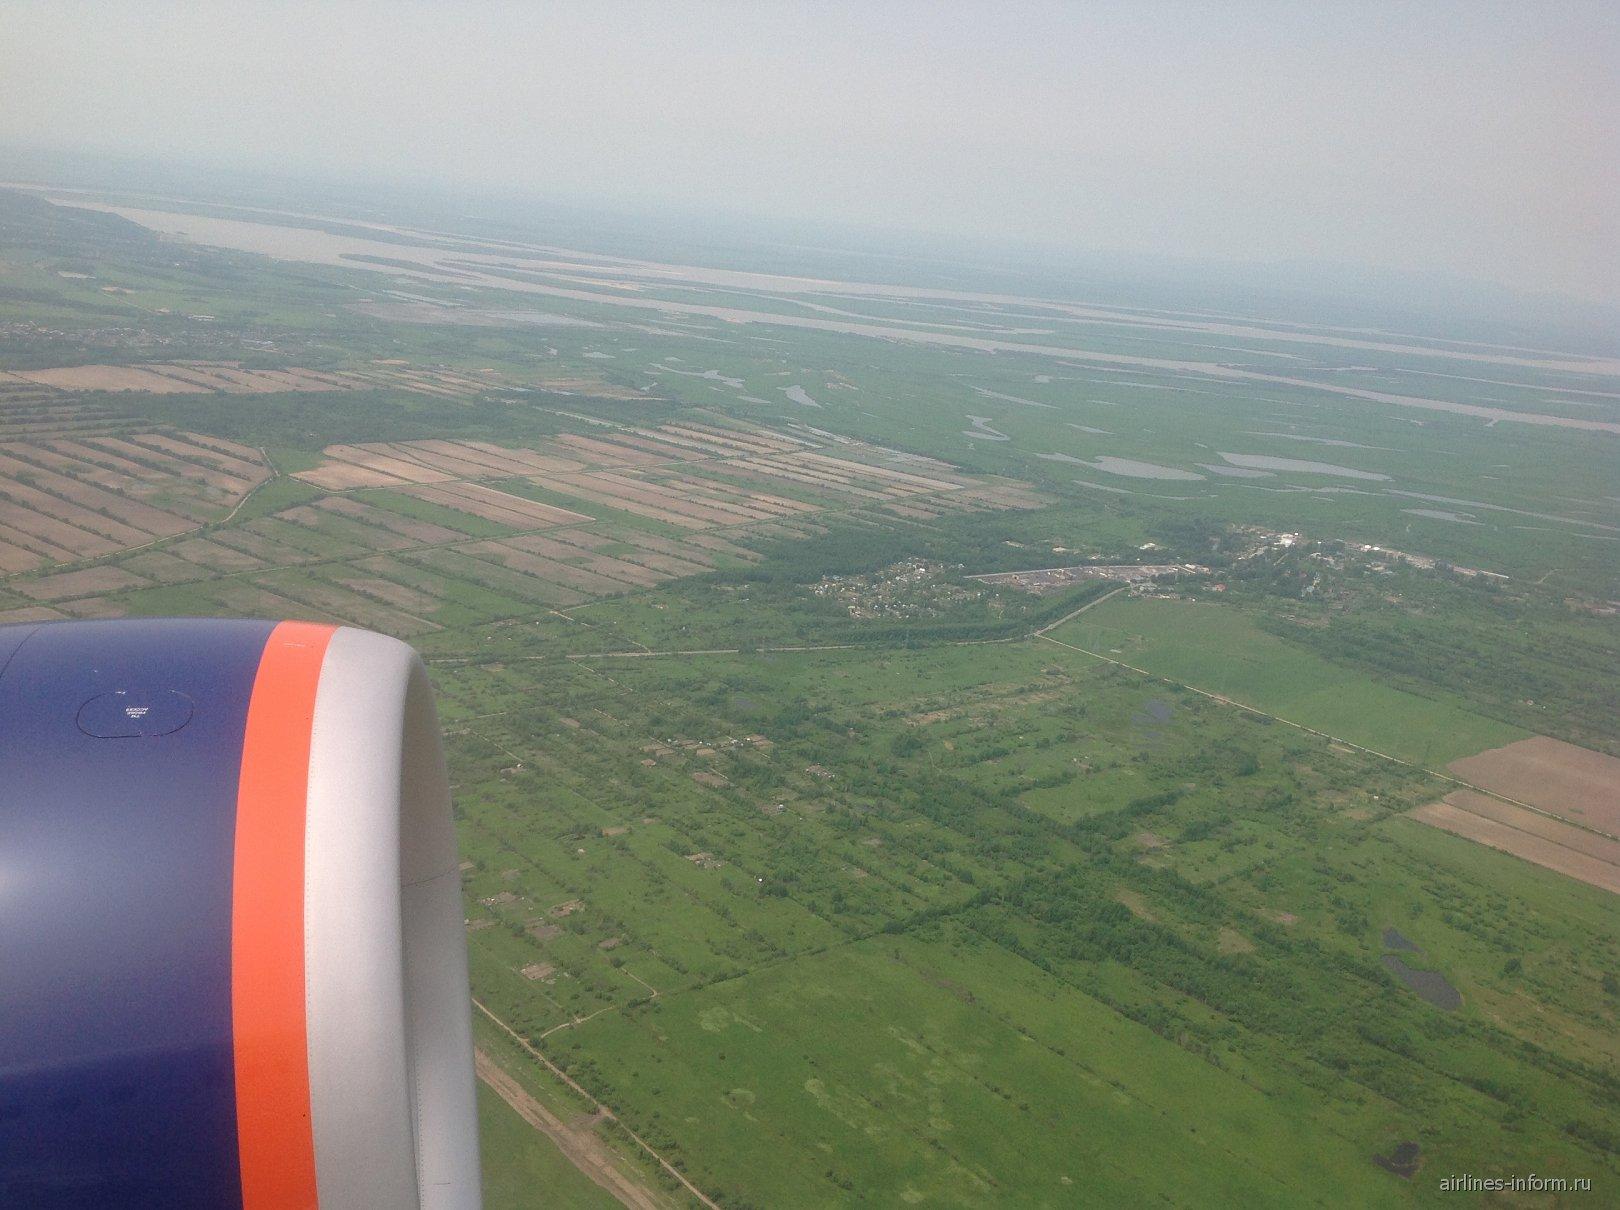 Взлет из аэропорта Хабаровск